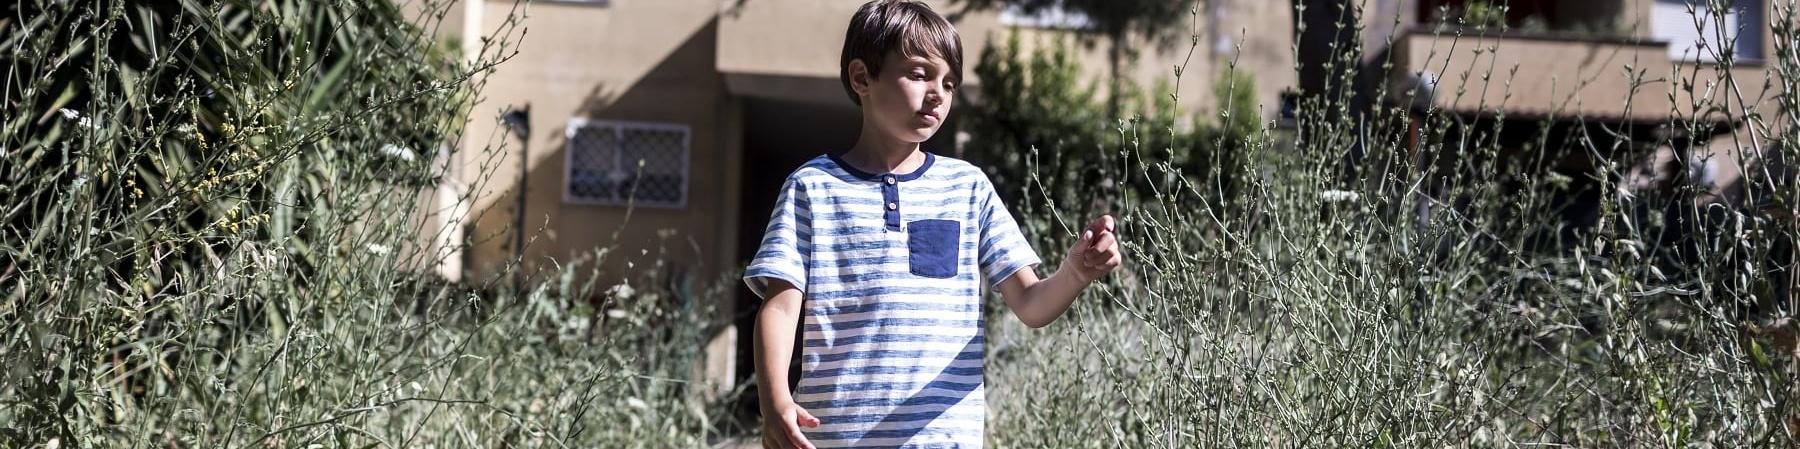 Un bambino con maglietta a righe e pantaloncini cammina in una viale sterrato con ai bordi erba alta